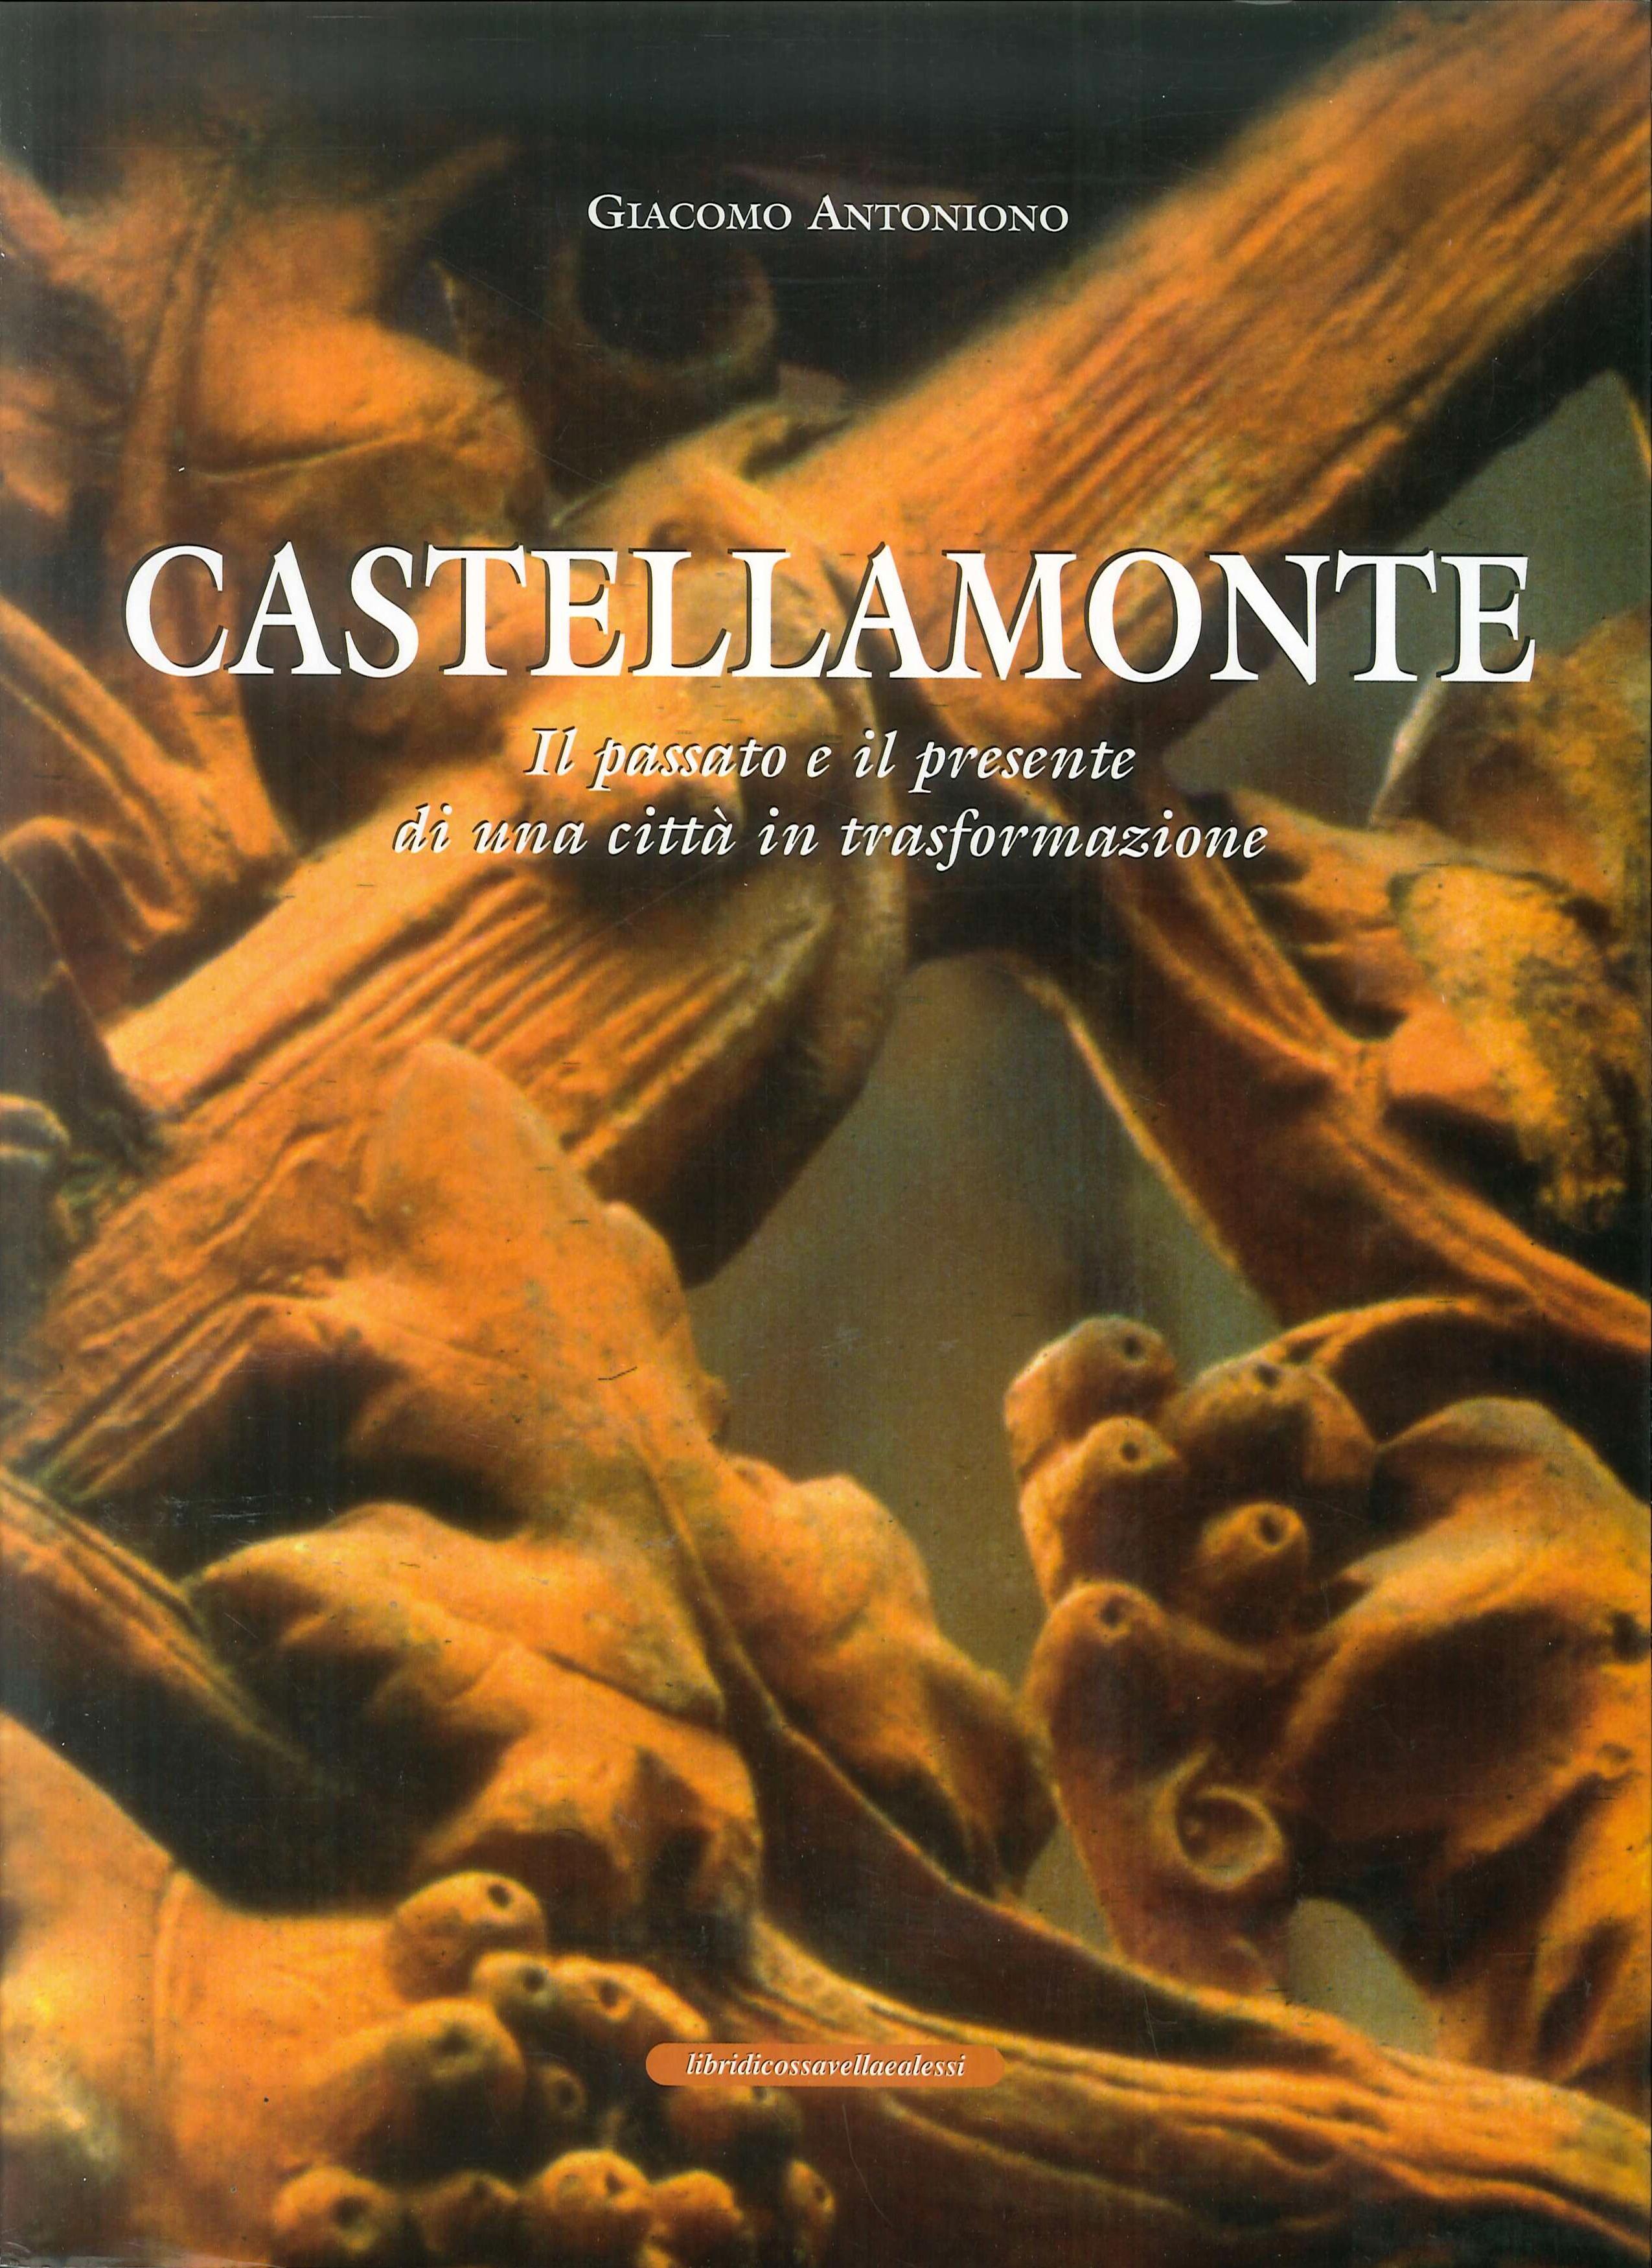 Castellamonte. Il passato e il presente di una città in trasformazione